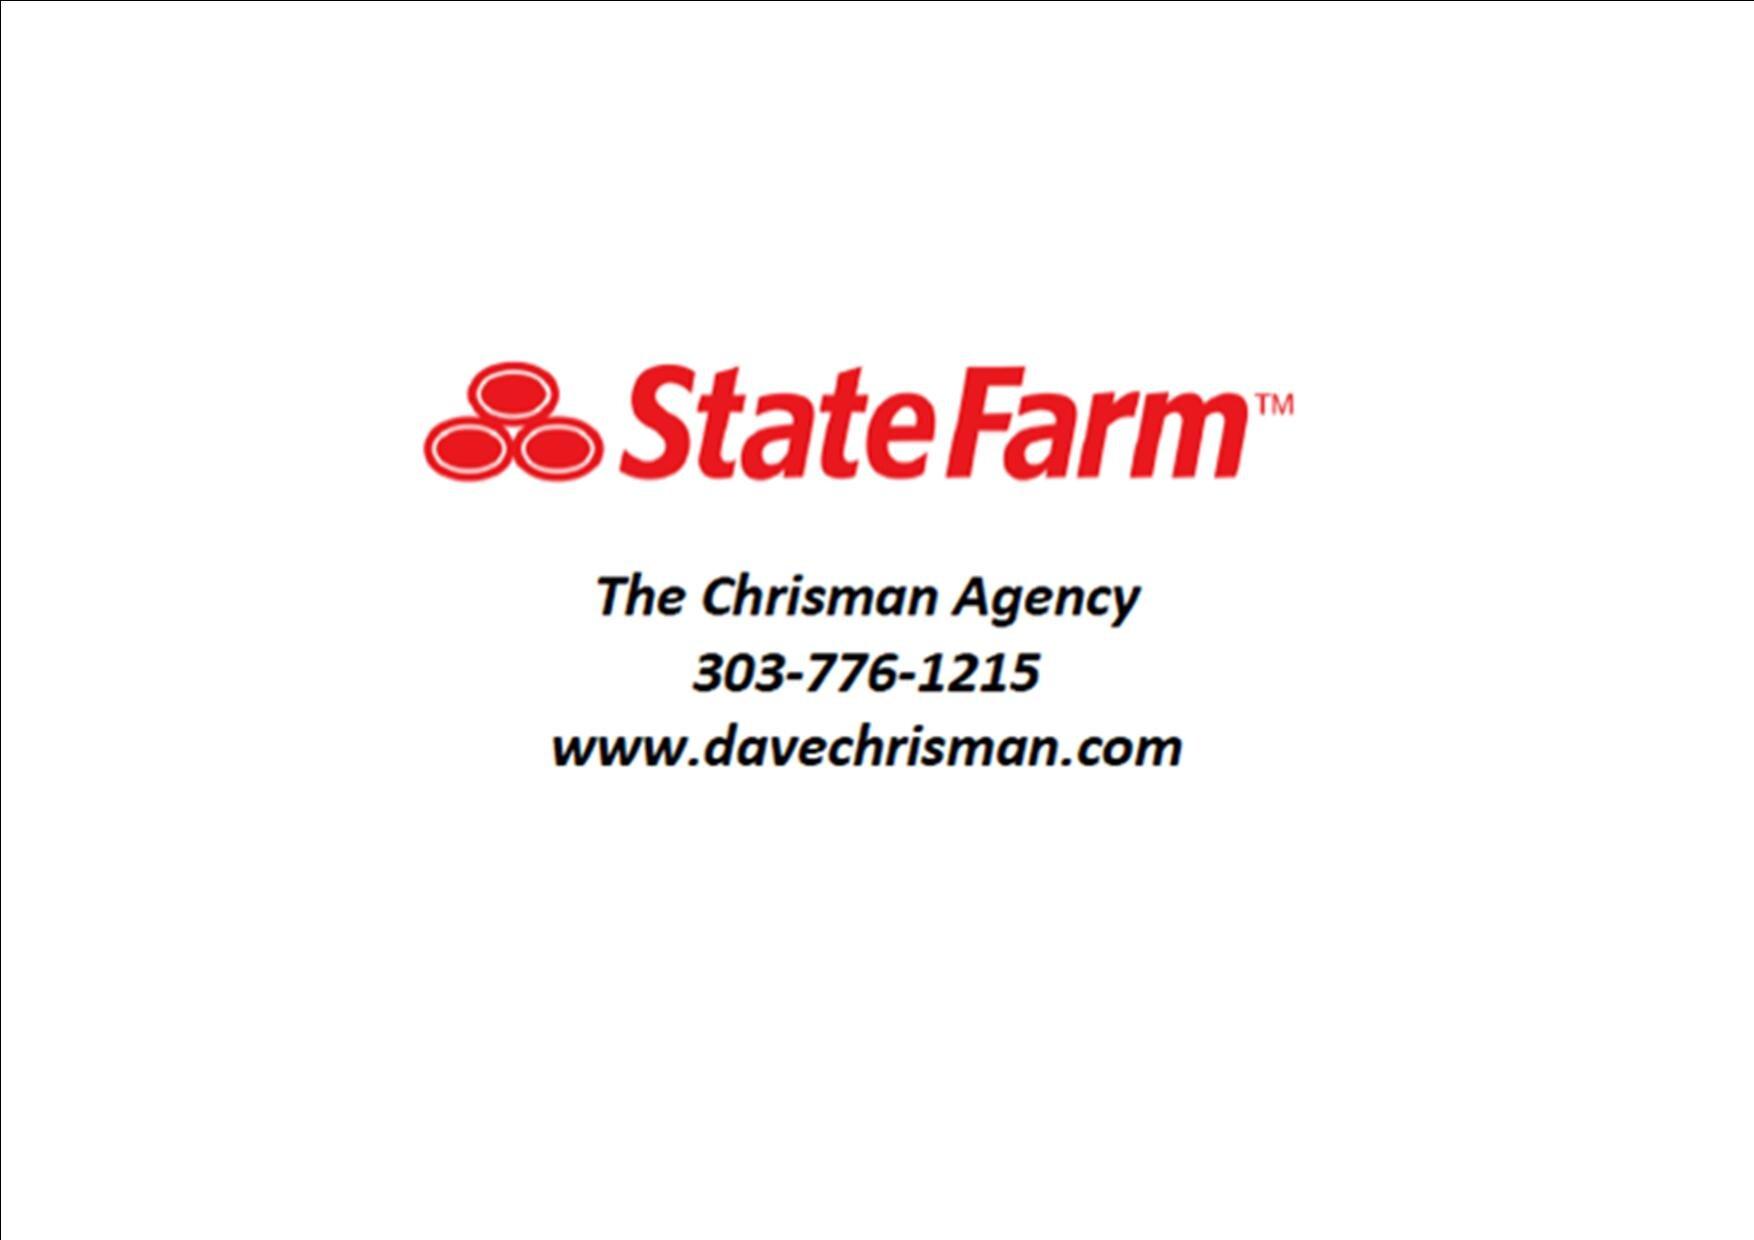 state farm card.jpg